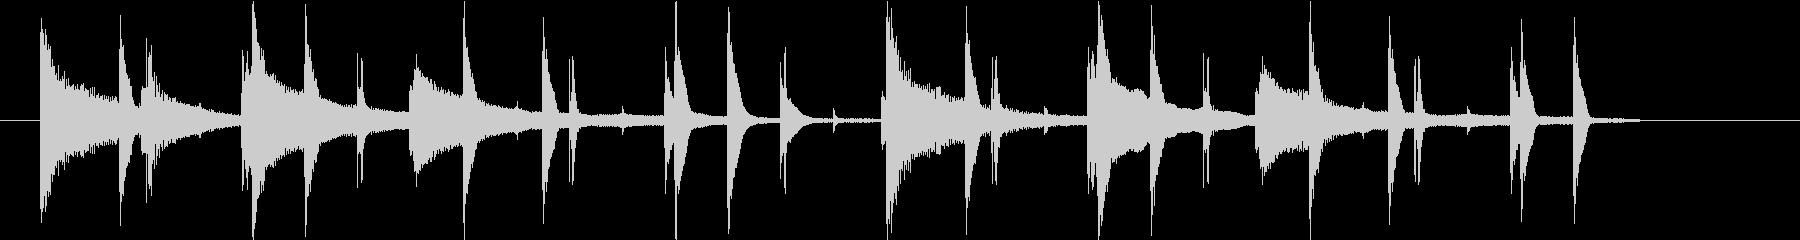 ローファイで切ないビートのジングルの未再生の波形